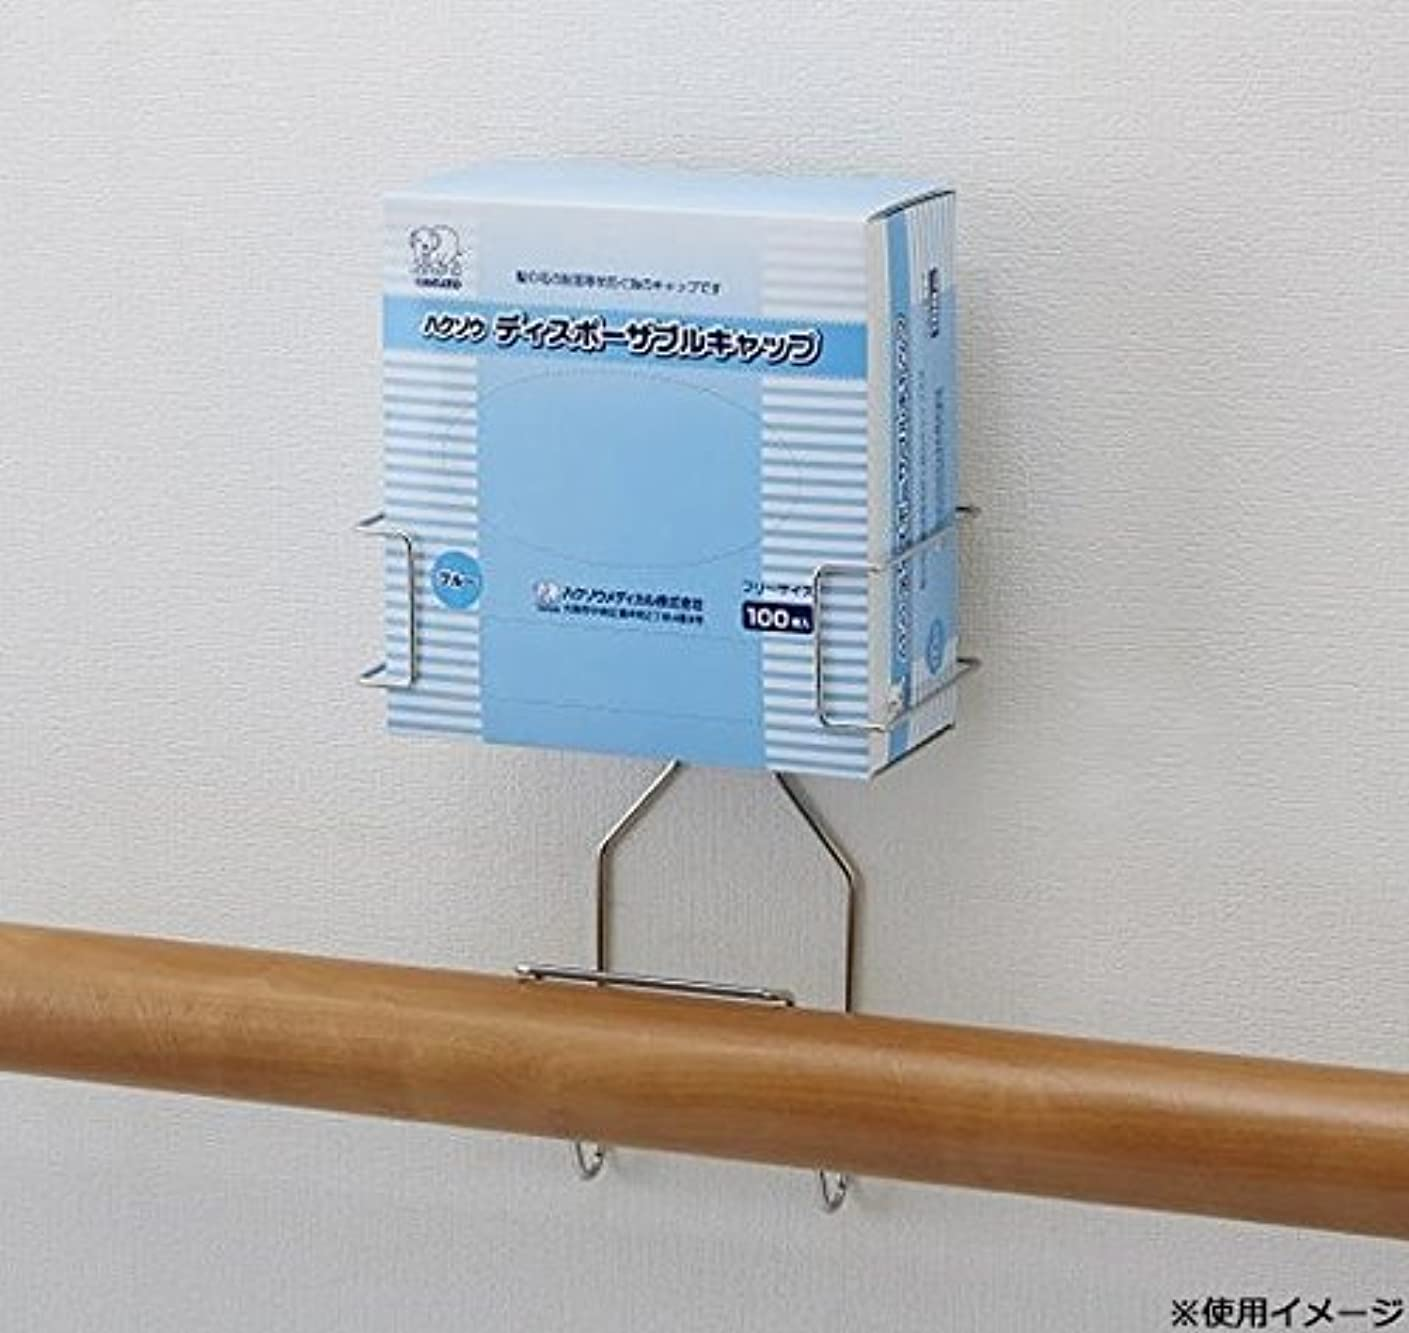 肥満不名誉な打ち上げるハクゾウメディカル PPE製品用ホルダーSE(手すり用タイプ) エプロン?グローブタイプ 3904992